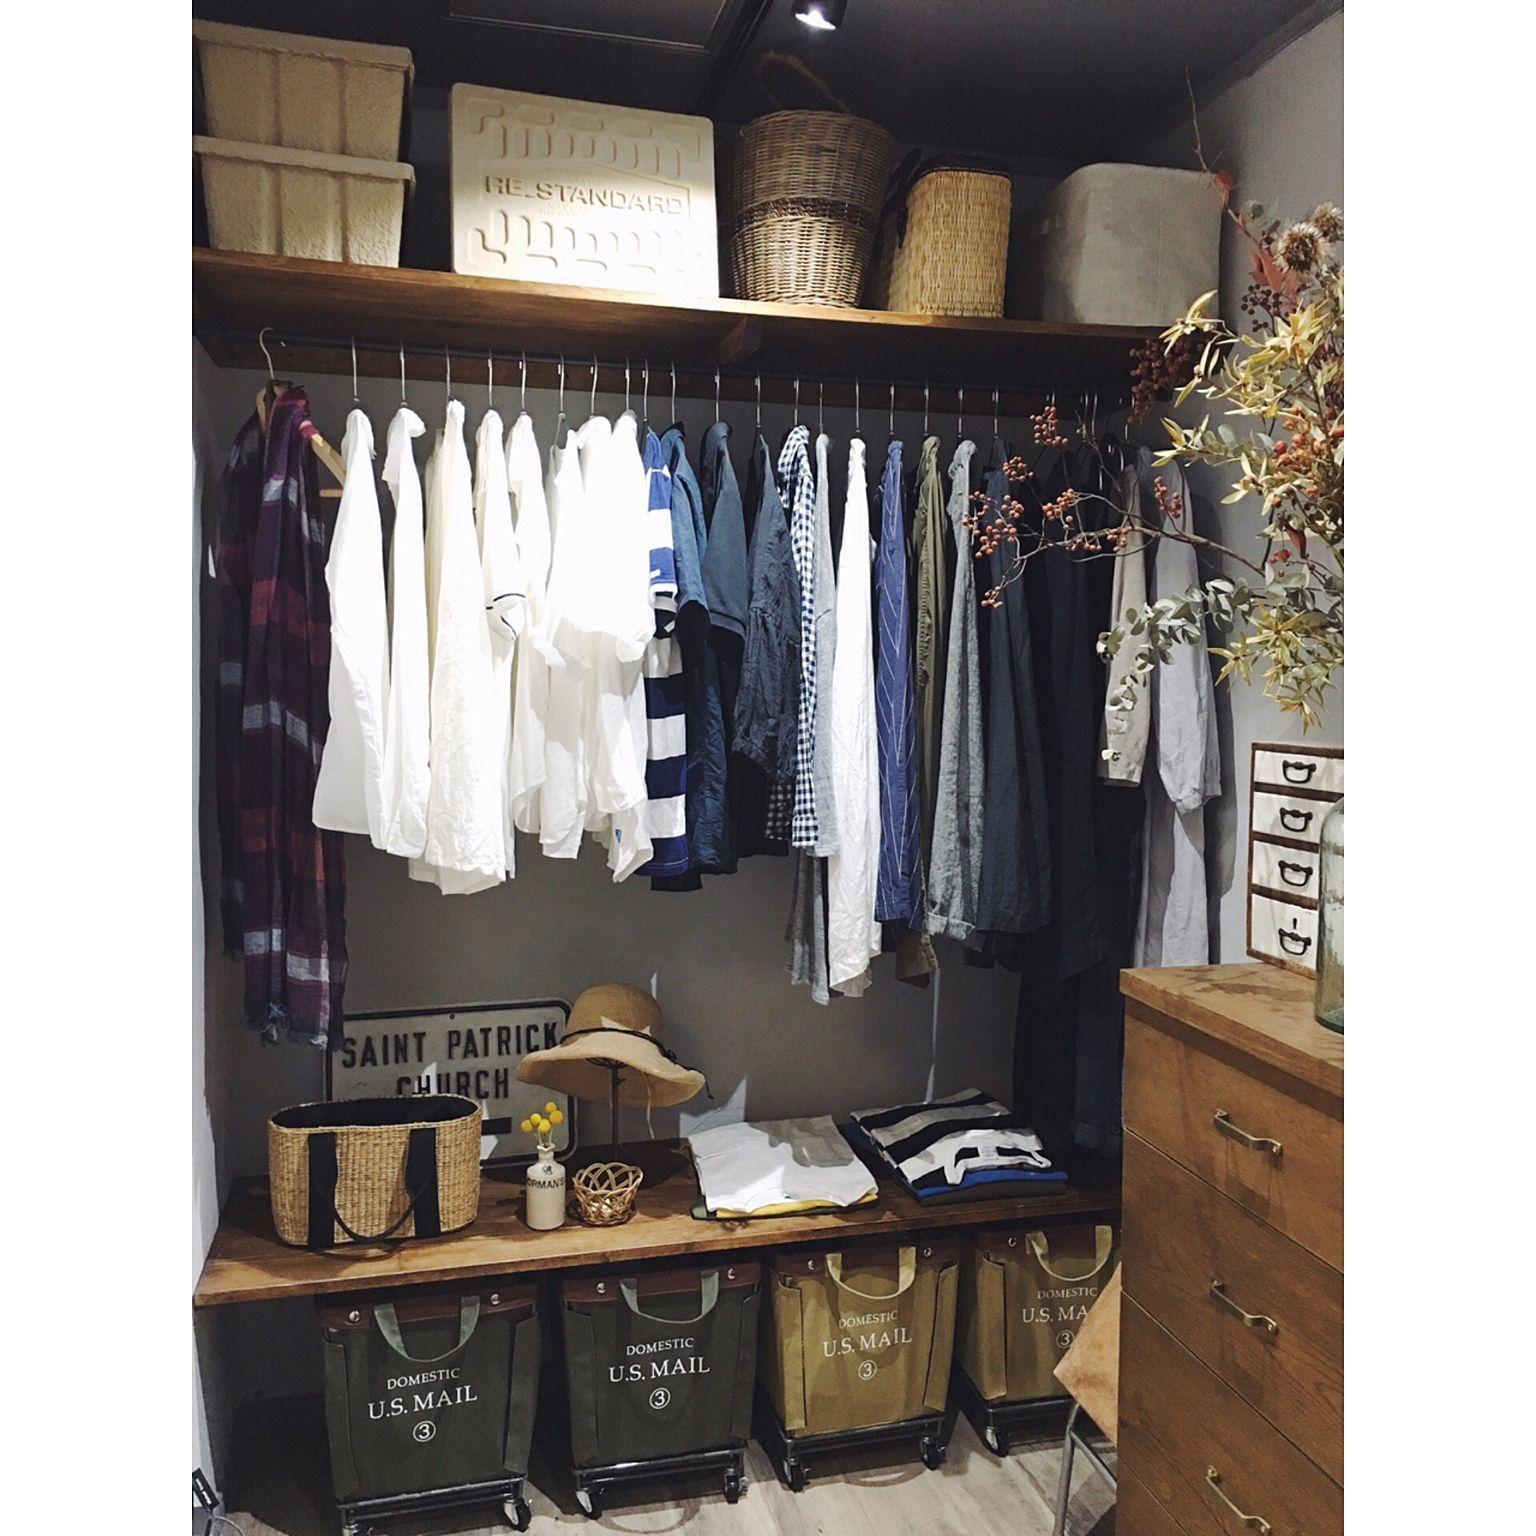 836cc4e526 My Shelf/クローゼット/収納/ドライフラワー/服の収納/漆喰壁...などのインテリア実例 - 2017-07-22 12:22:35 |  RoomClip (ルームクリップ)